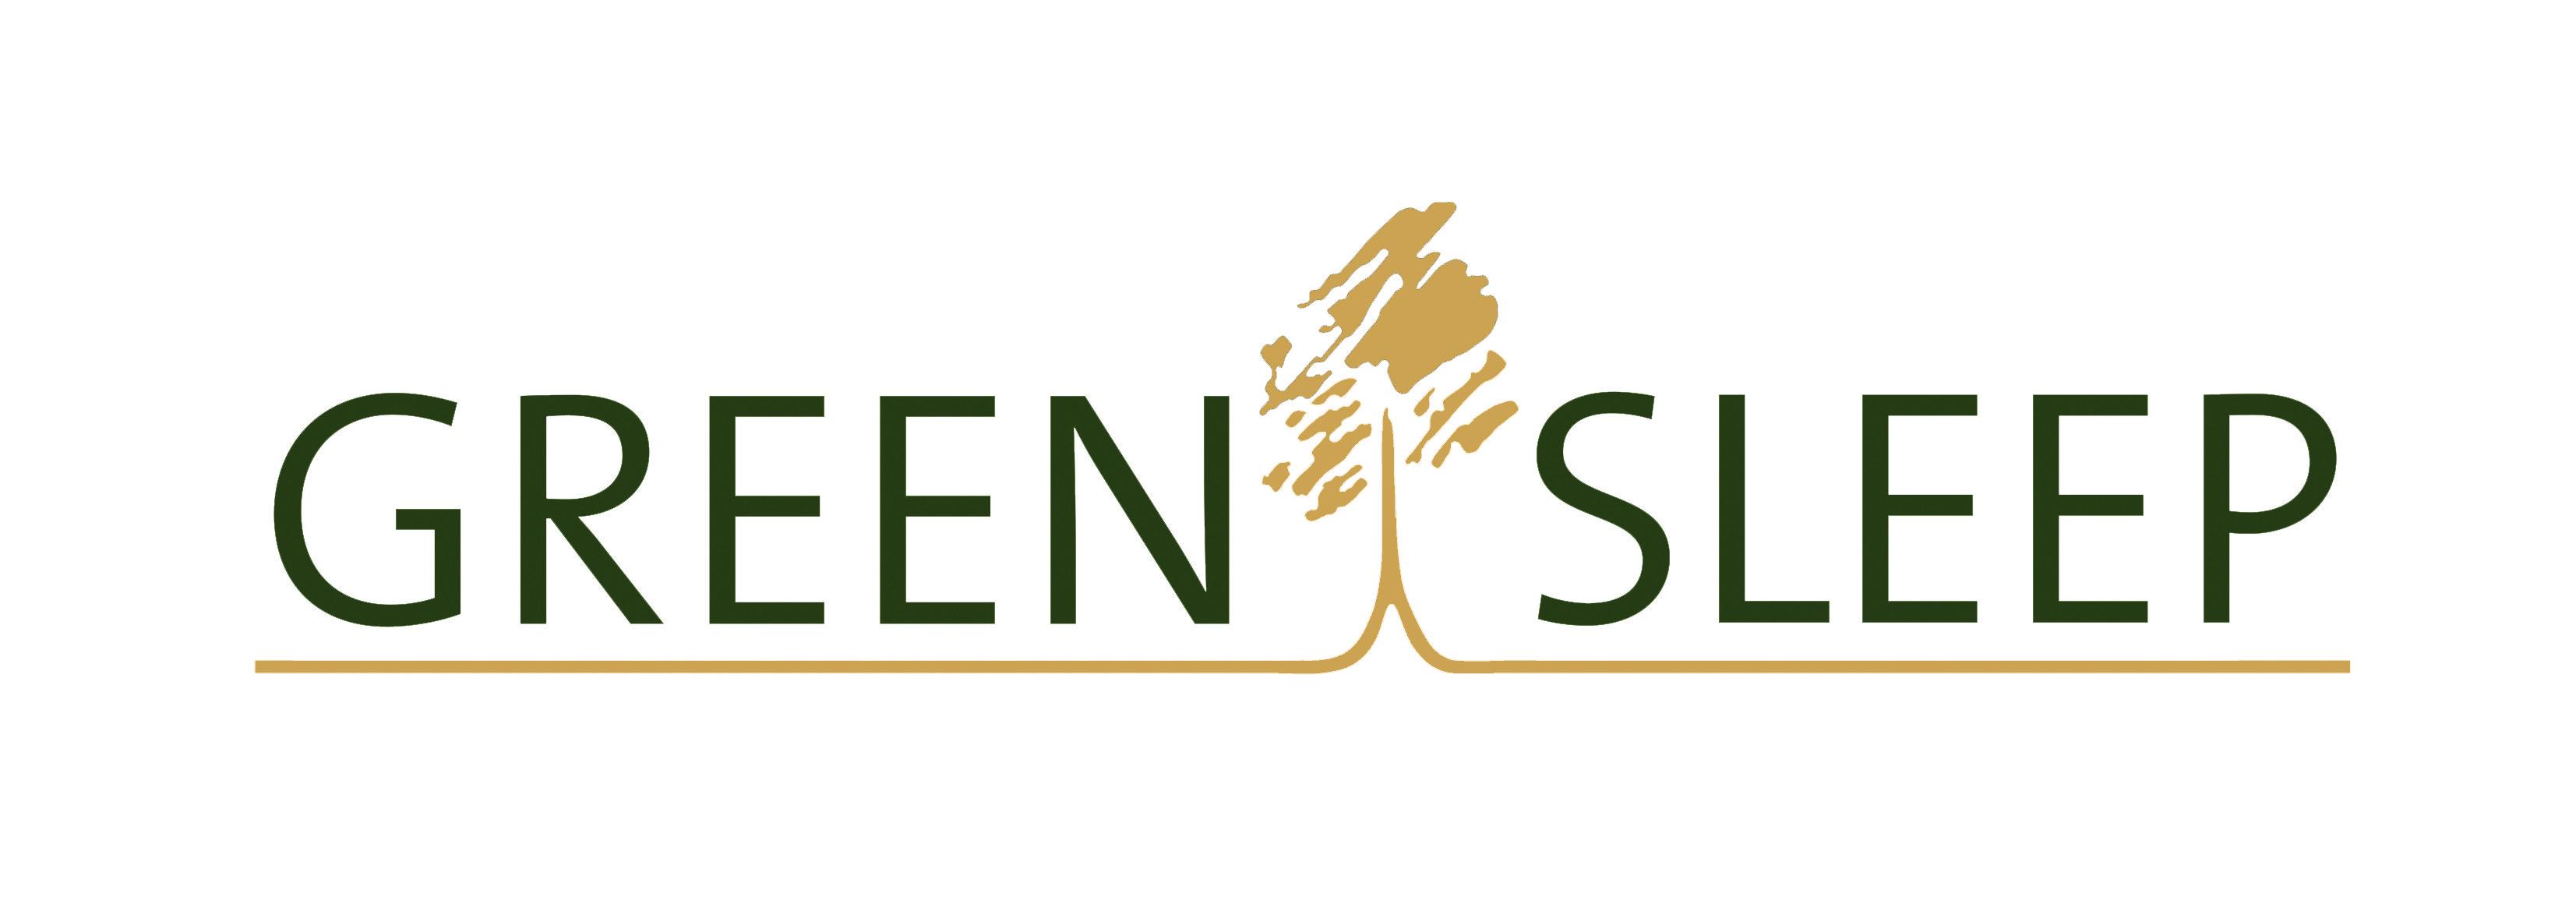 logo greensleep goud